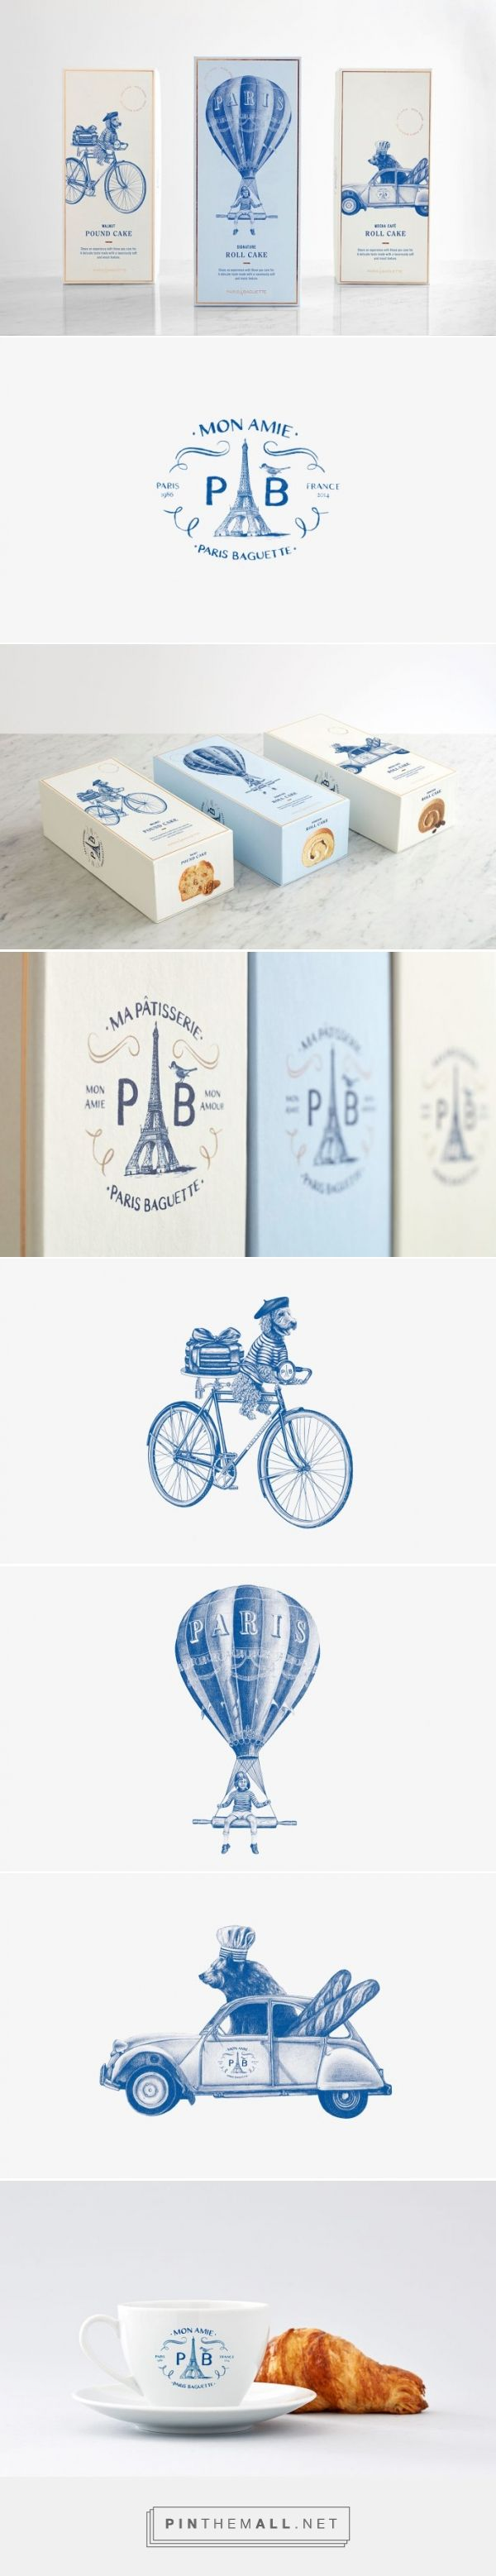 巴黎咖啡館的甜點包裝   MyDesy 淘靈感 - created via https://pinthemall.net